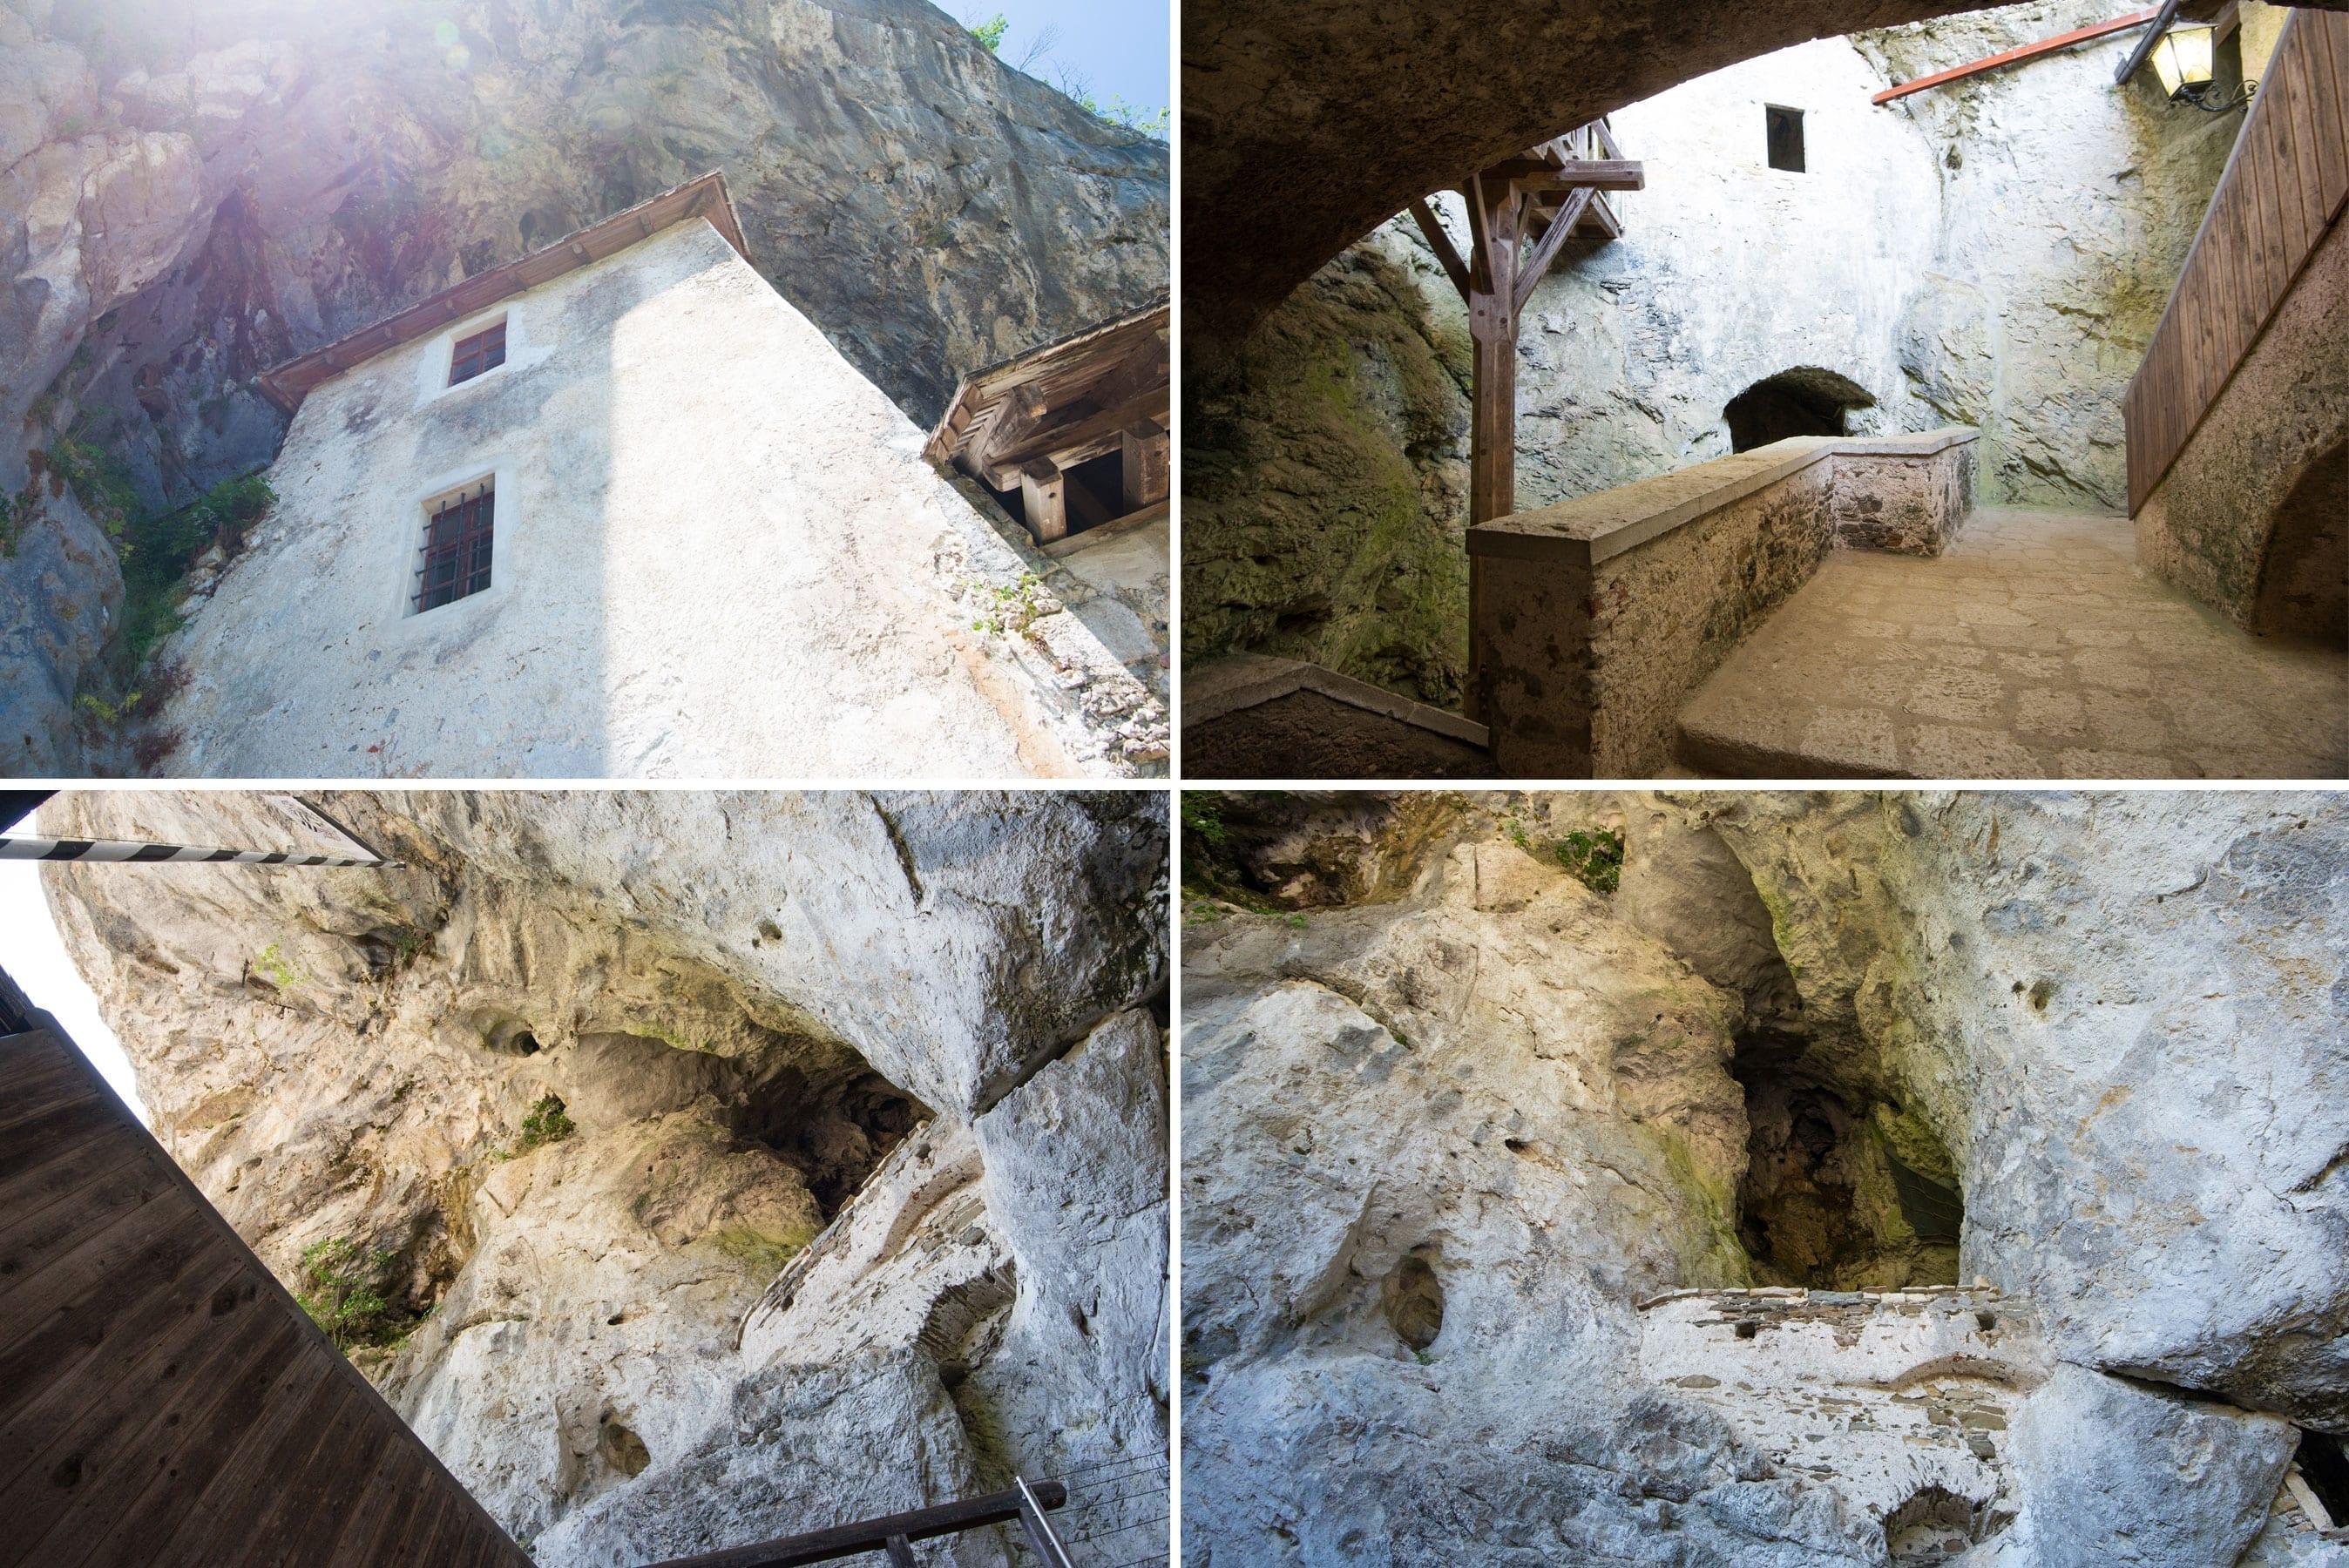 predjama castle slovenia nowwhatstheplan 11 copy - Castelul Predjama, răsărit din munte, la intrarea într-o peşteră